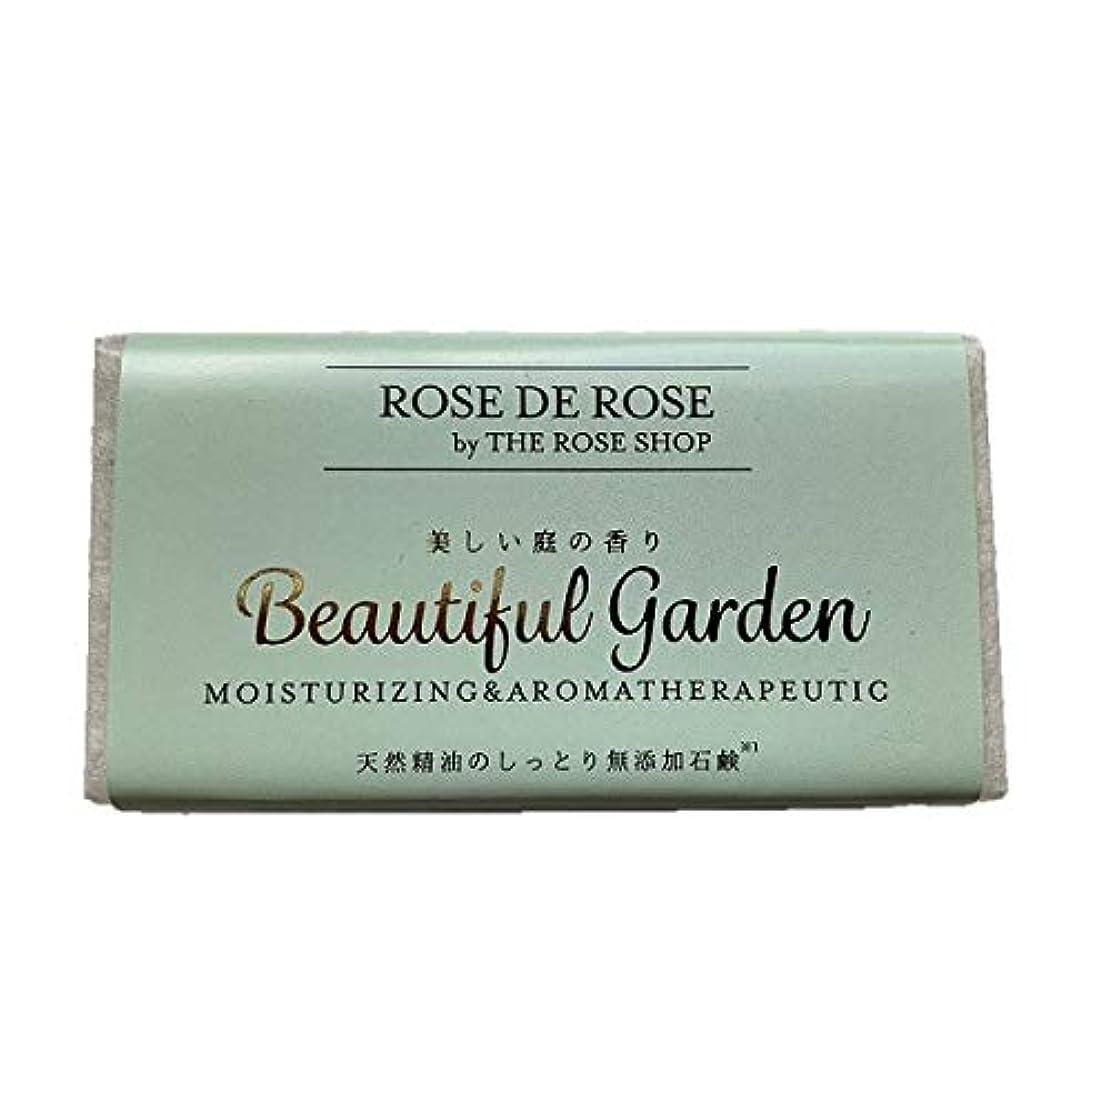 診断するレザー無数の天然精油の無添加石鹸 「美しい庭の香り ビューティフルガーデン」